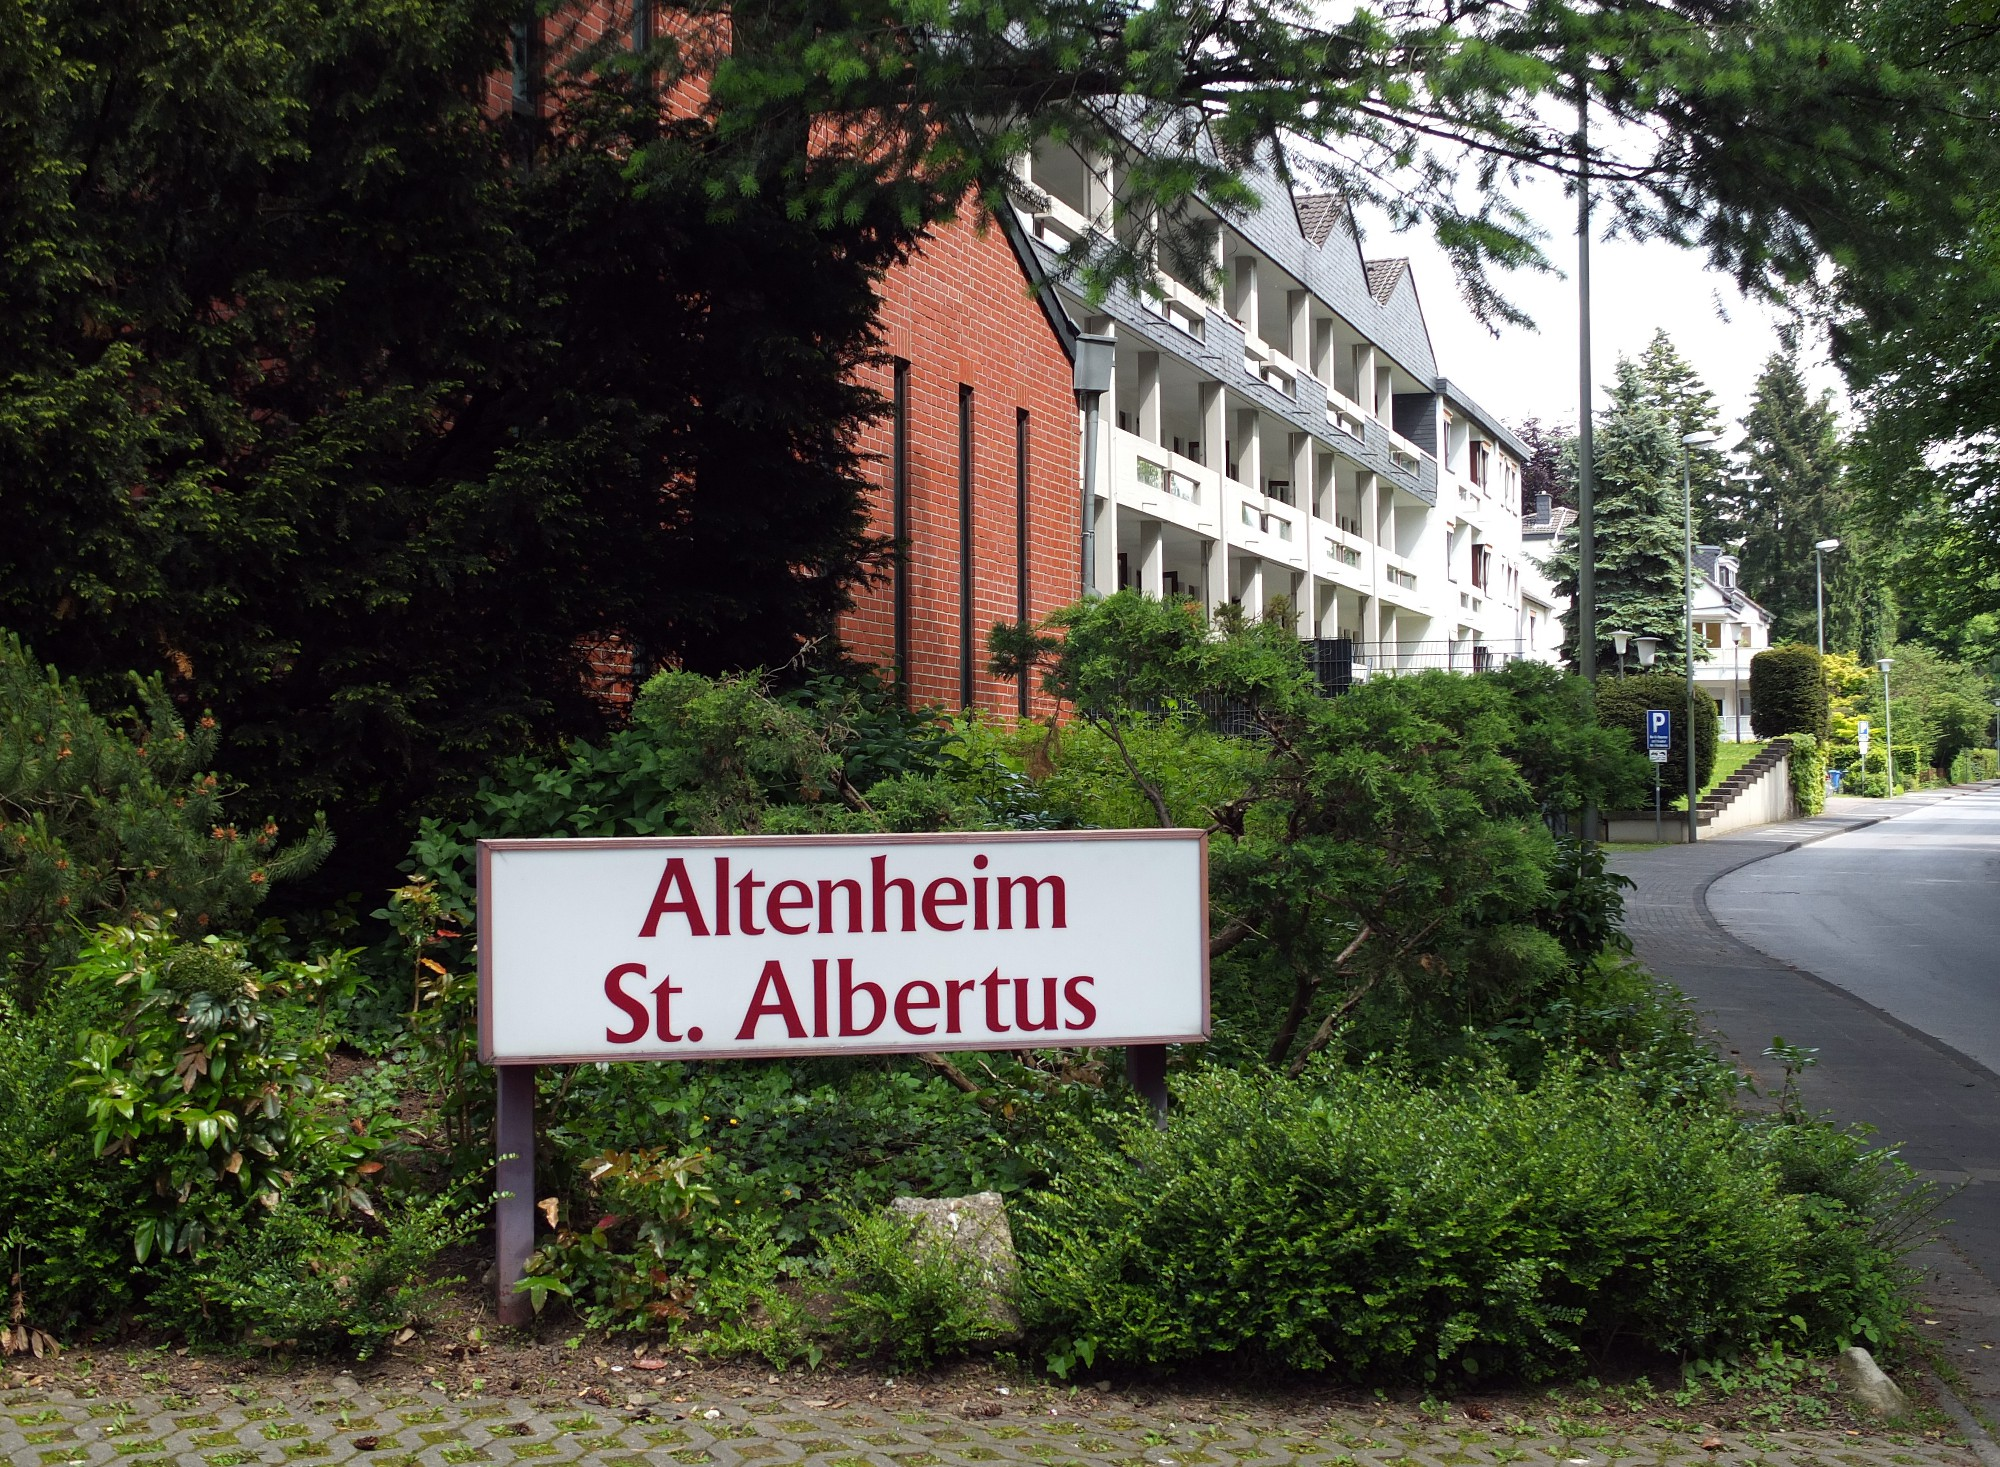 Altenheim St Albertus In Leverkusen Auf Wohnen Im Alter De